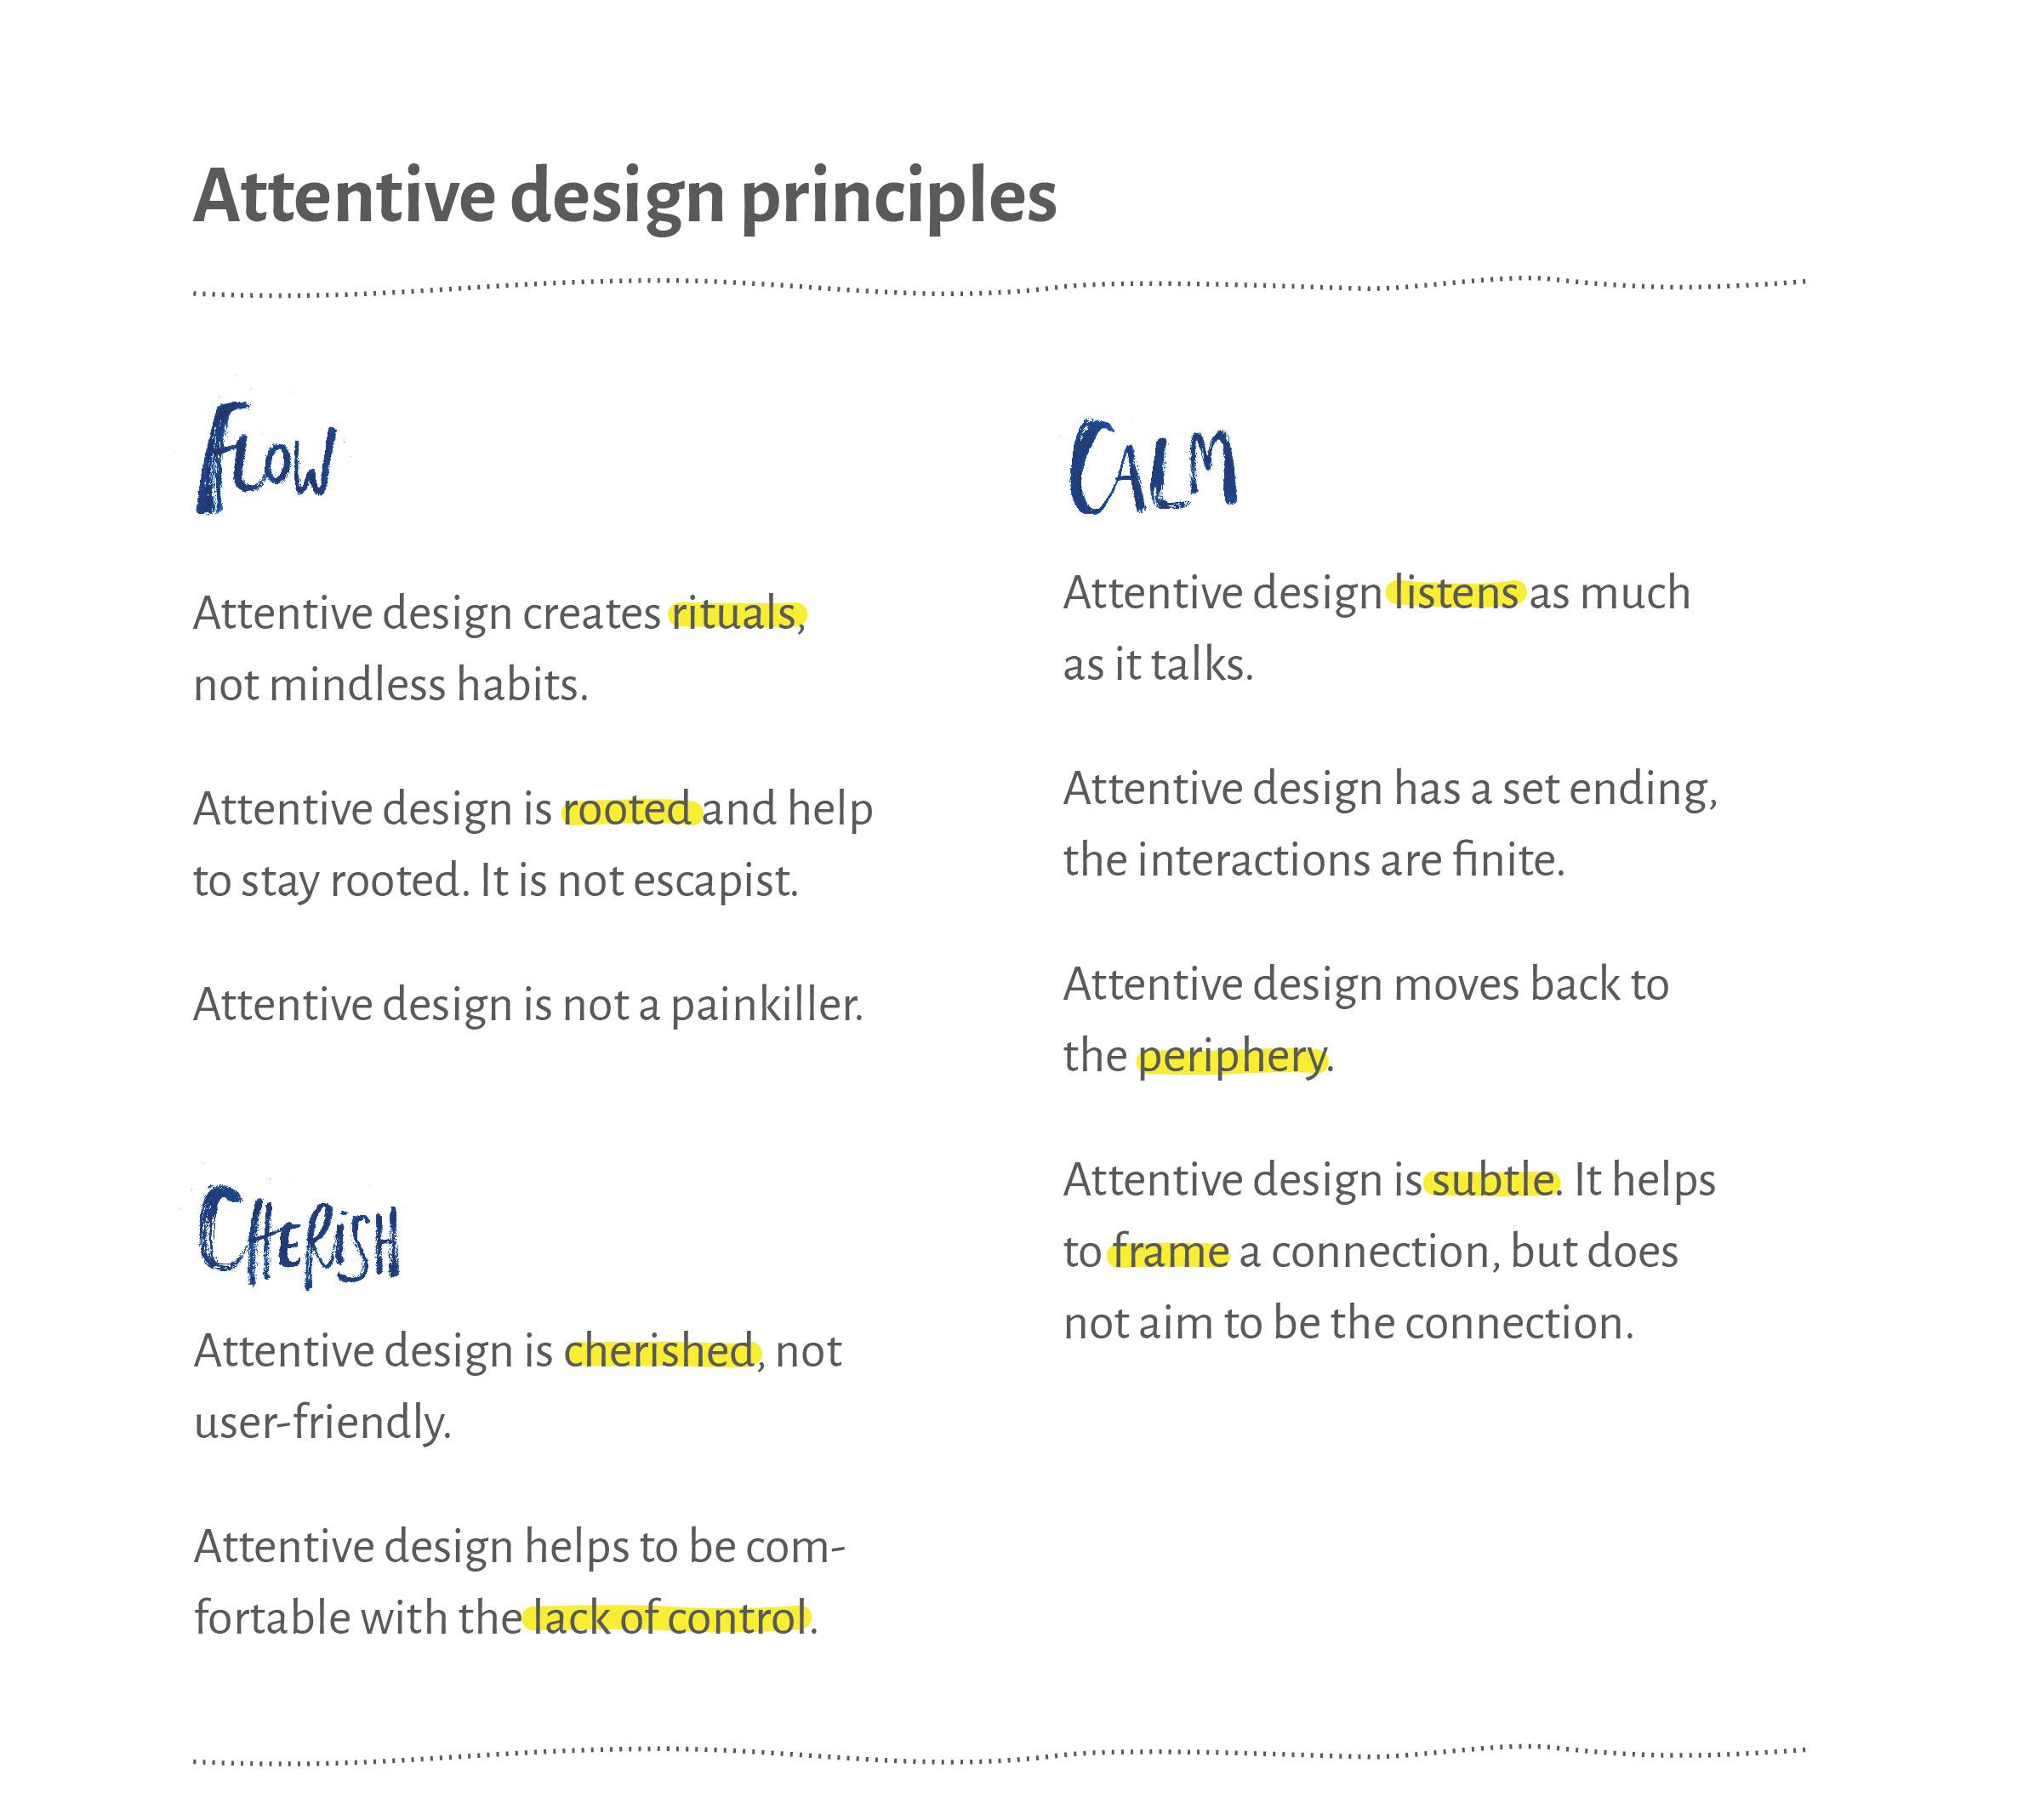 Attentive design principles